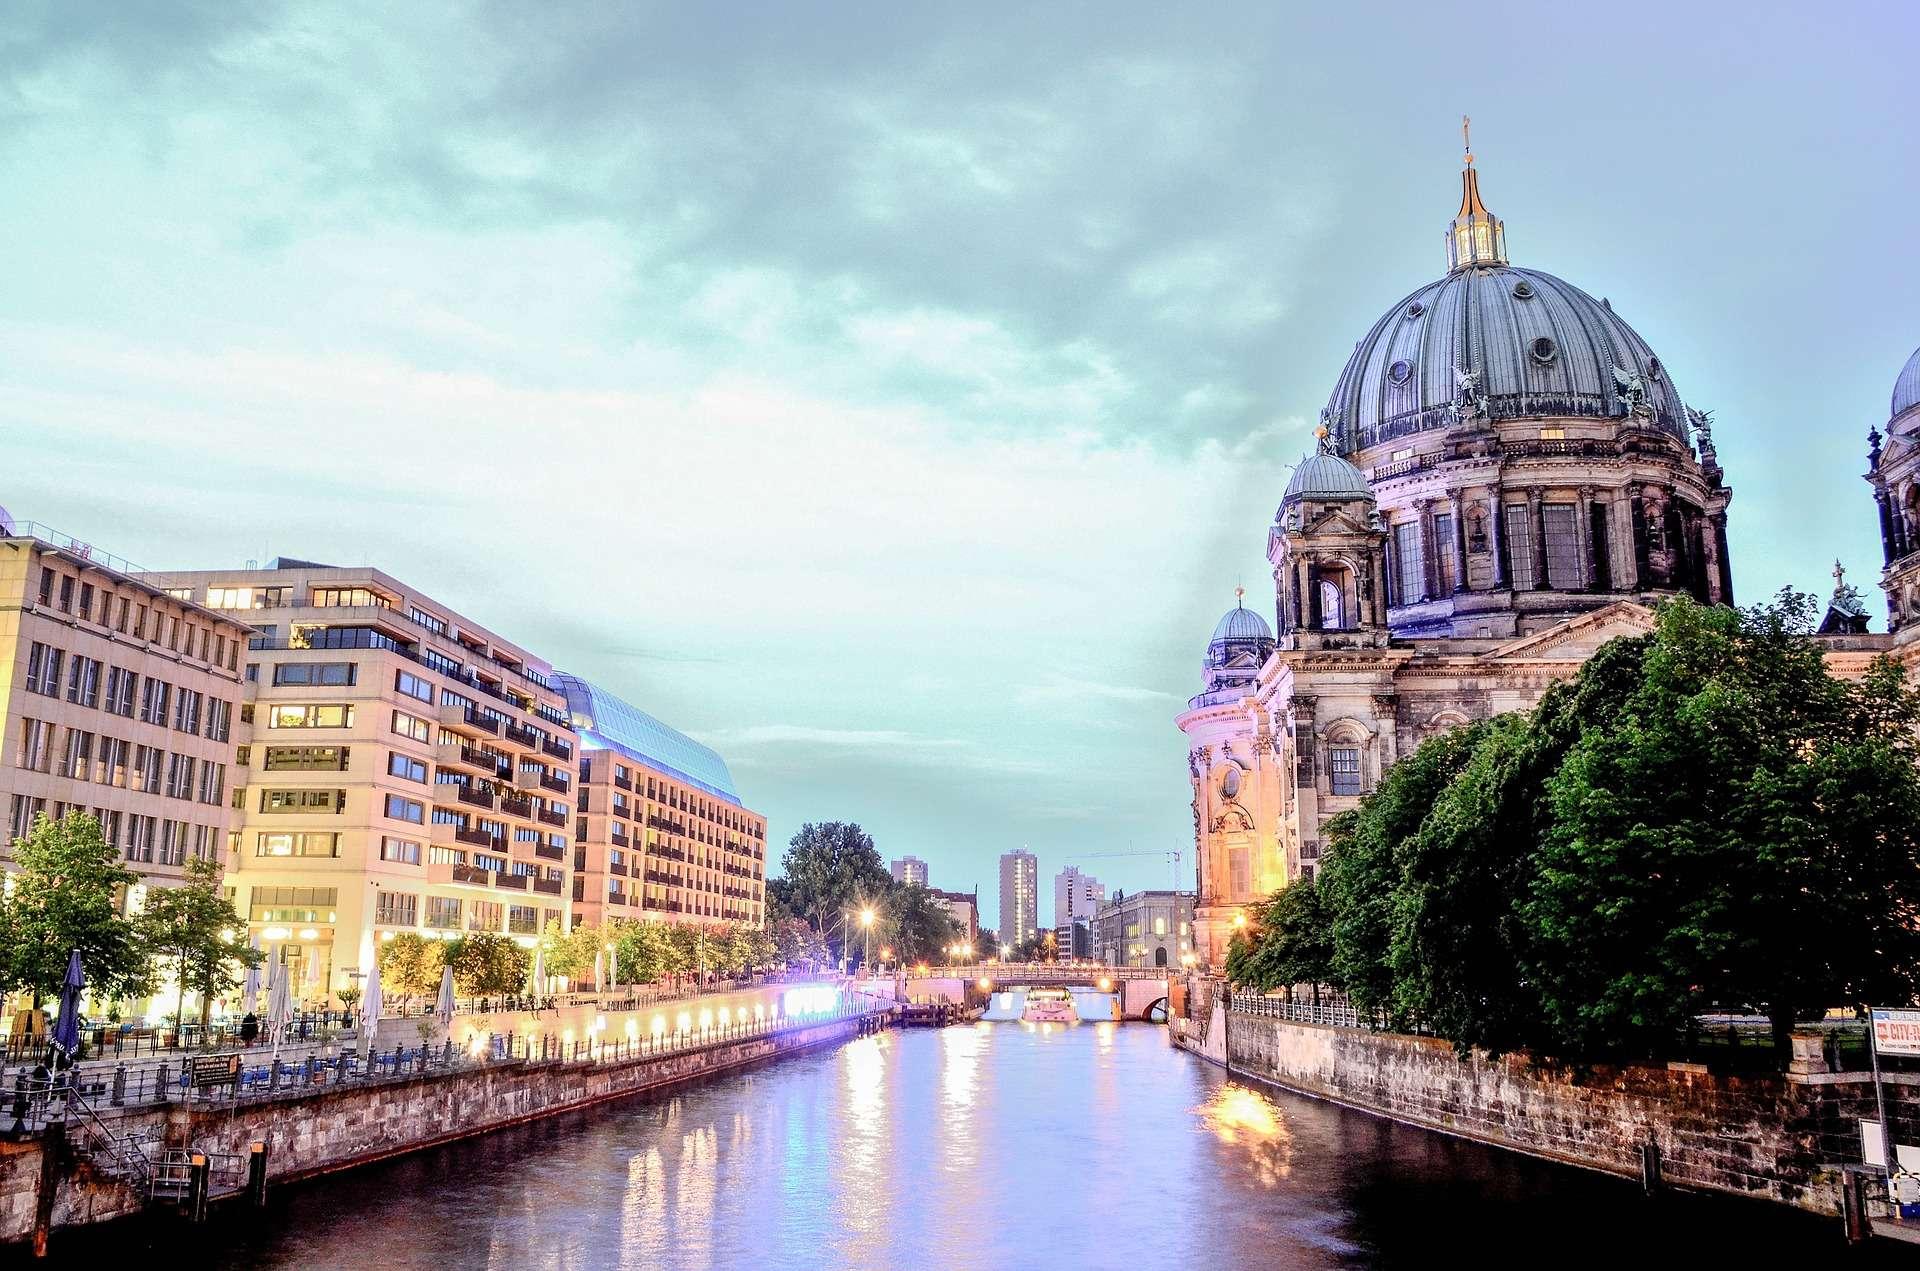 Direktflüge und Billigflüge ab Nürnberg nach Berlin-Tegel